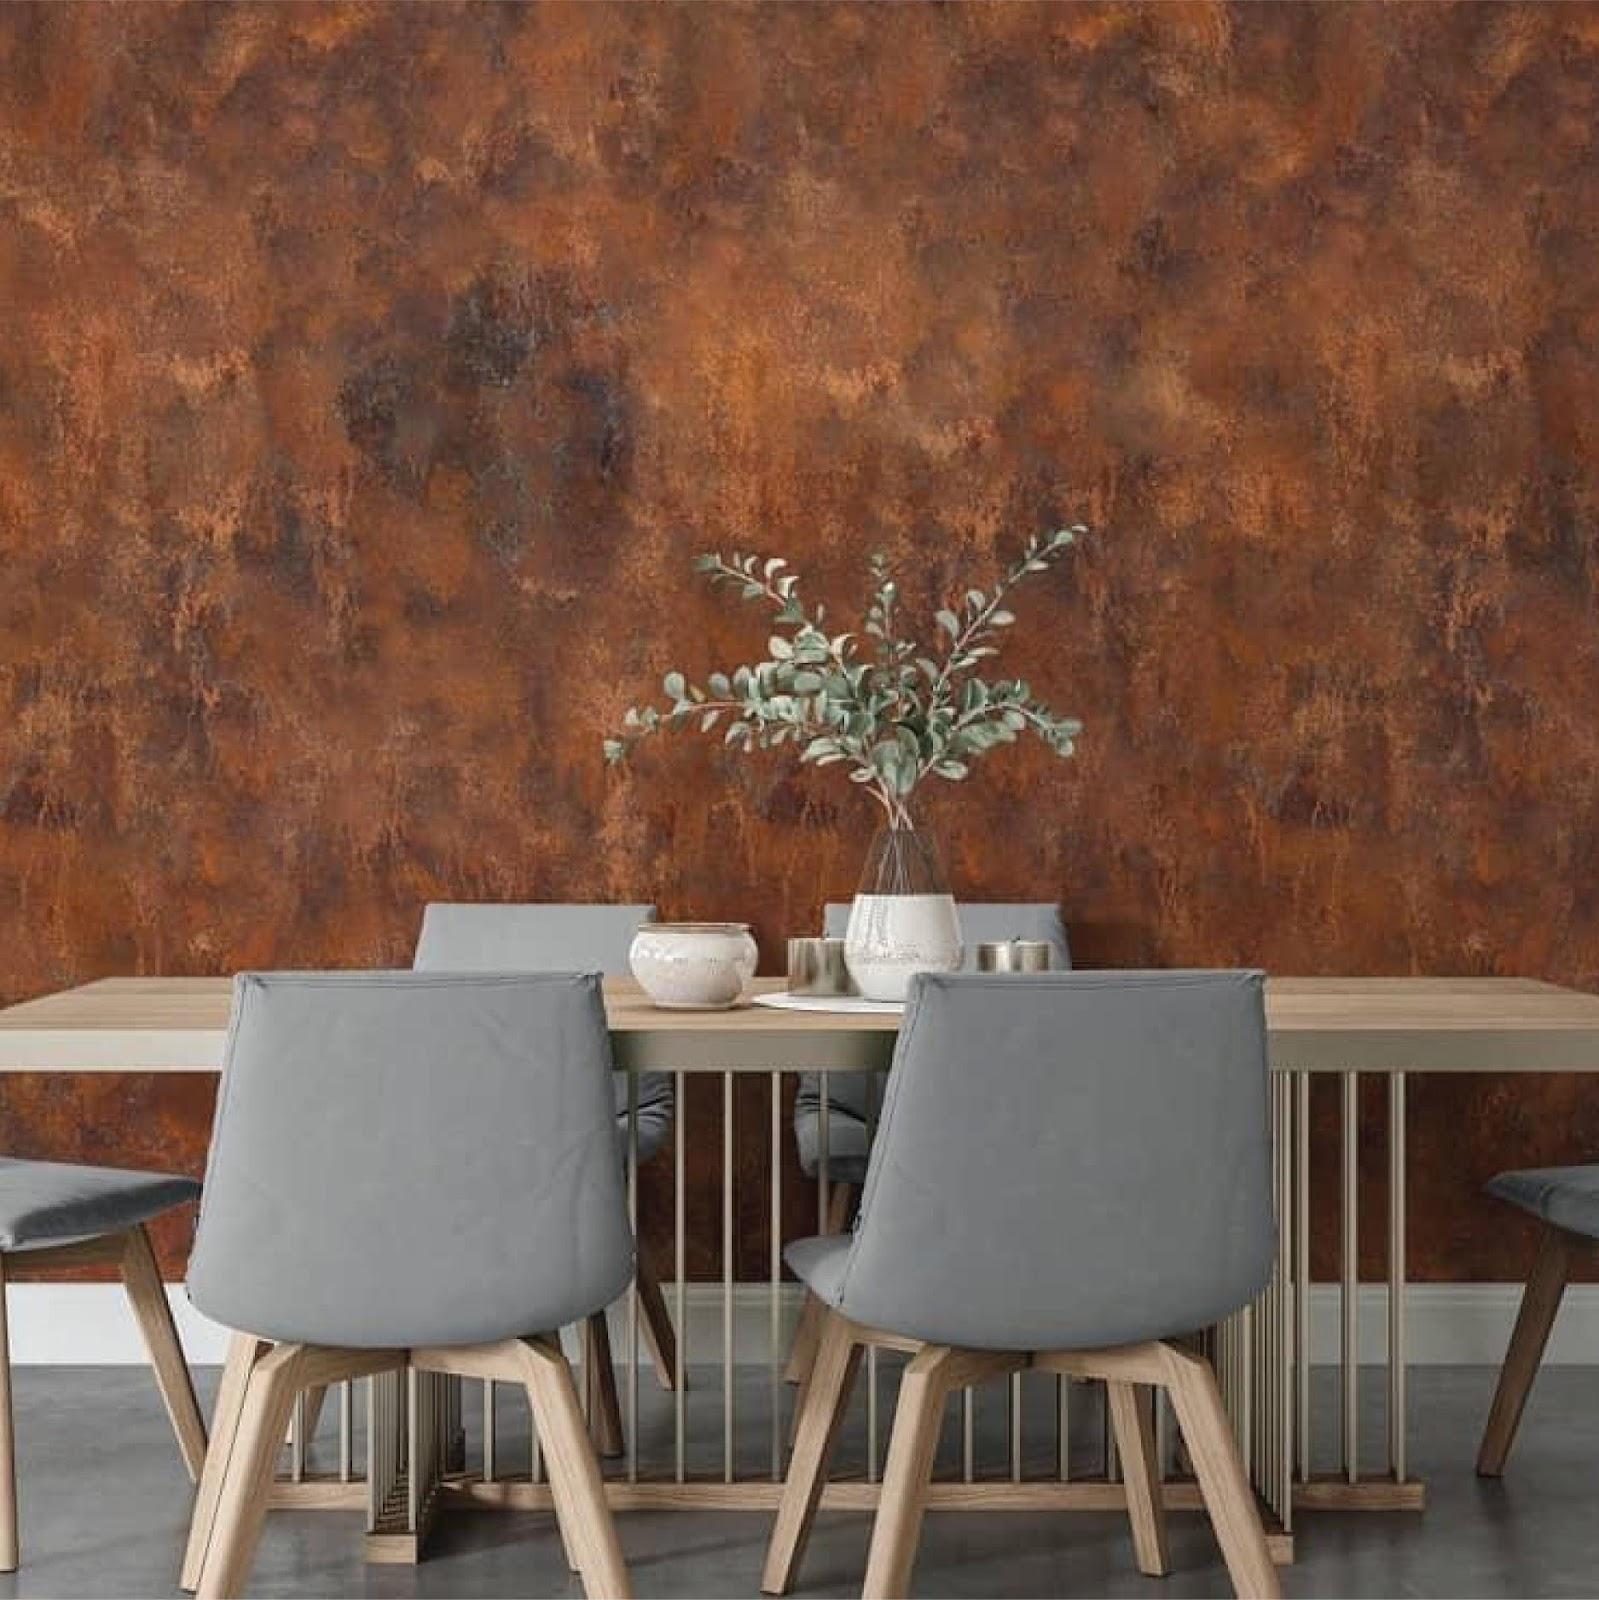 Có thể là hình ảnh về bàn và trong nhà